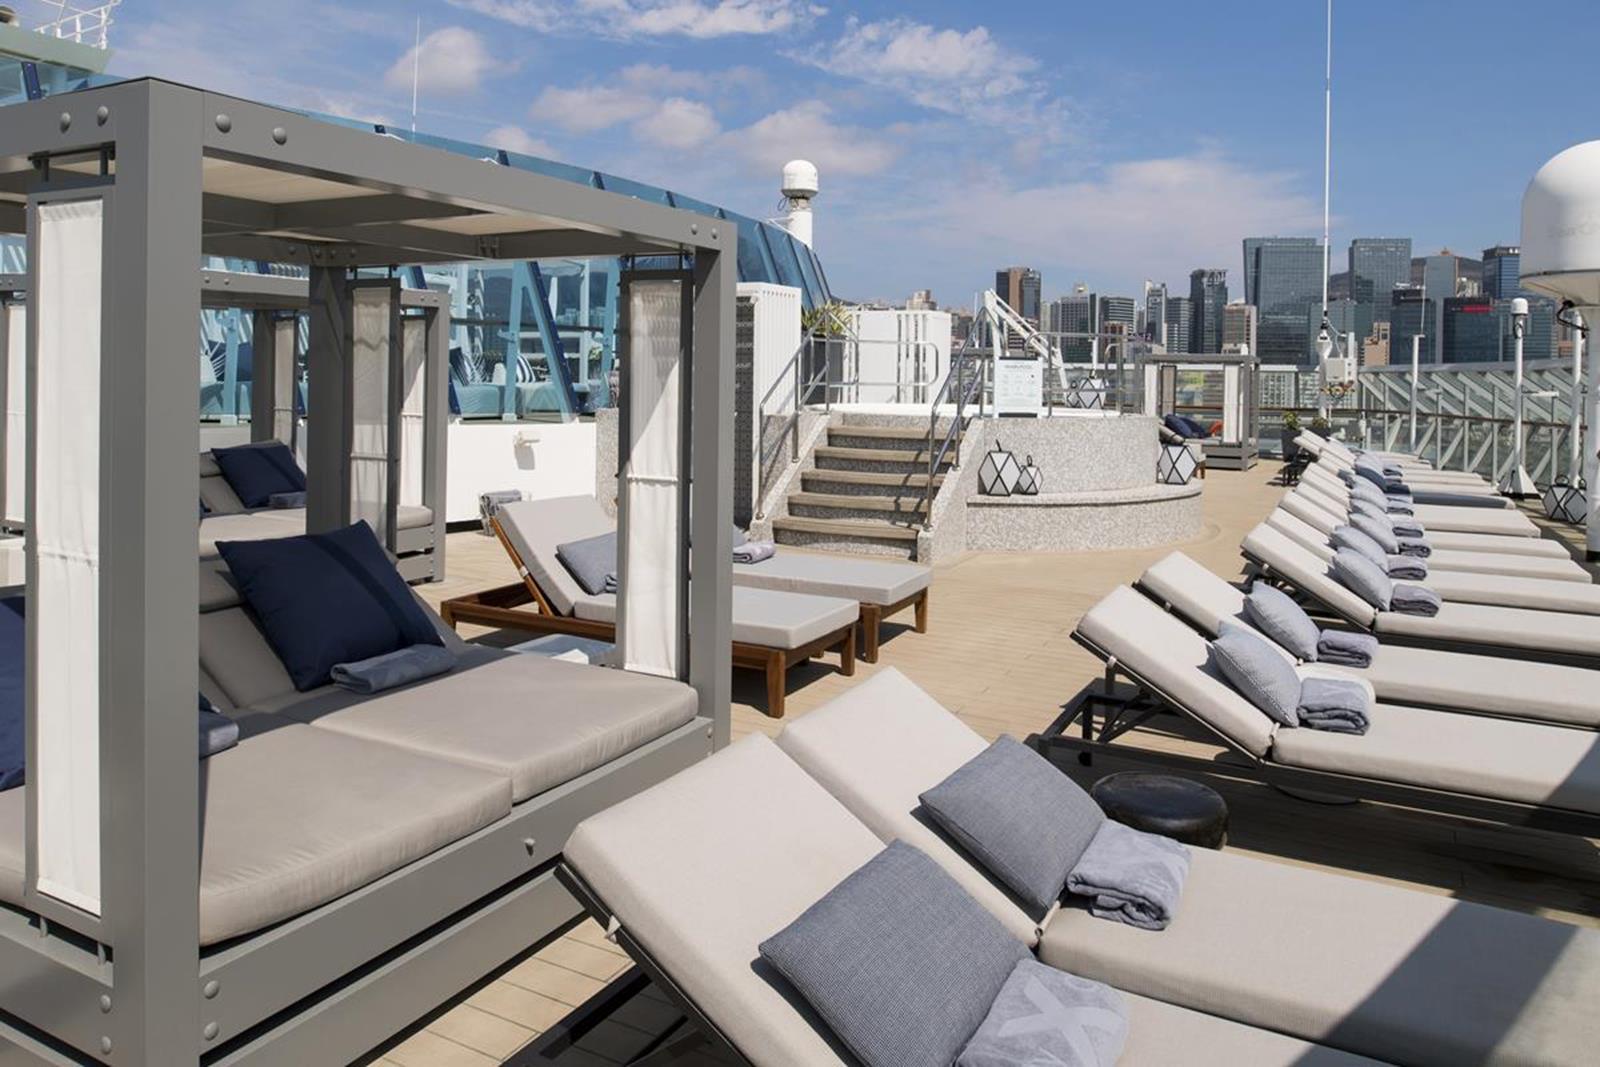 Celebrity The Retreat Sun Deck